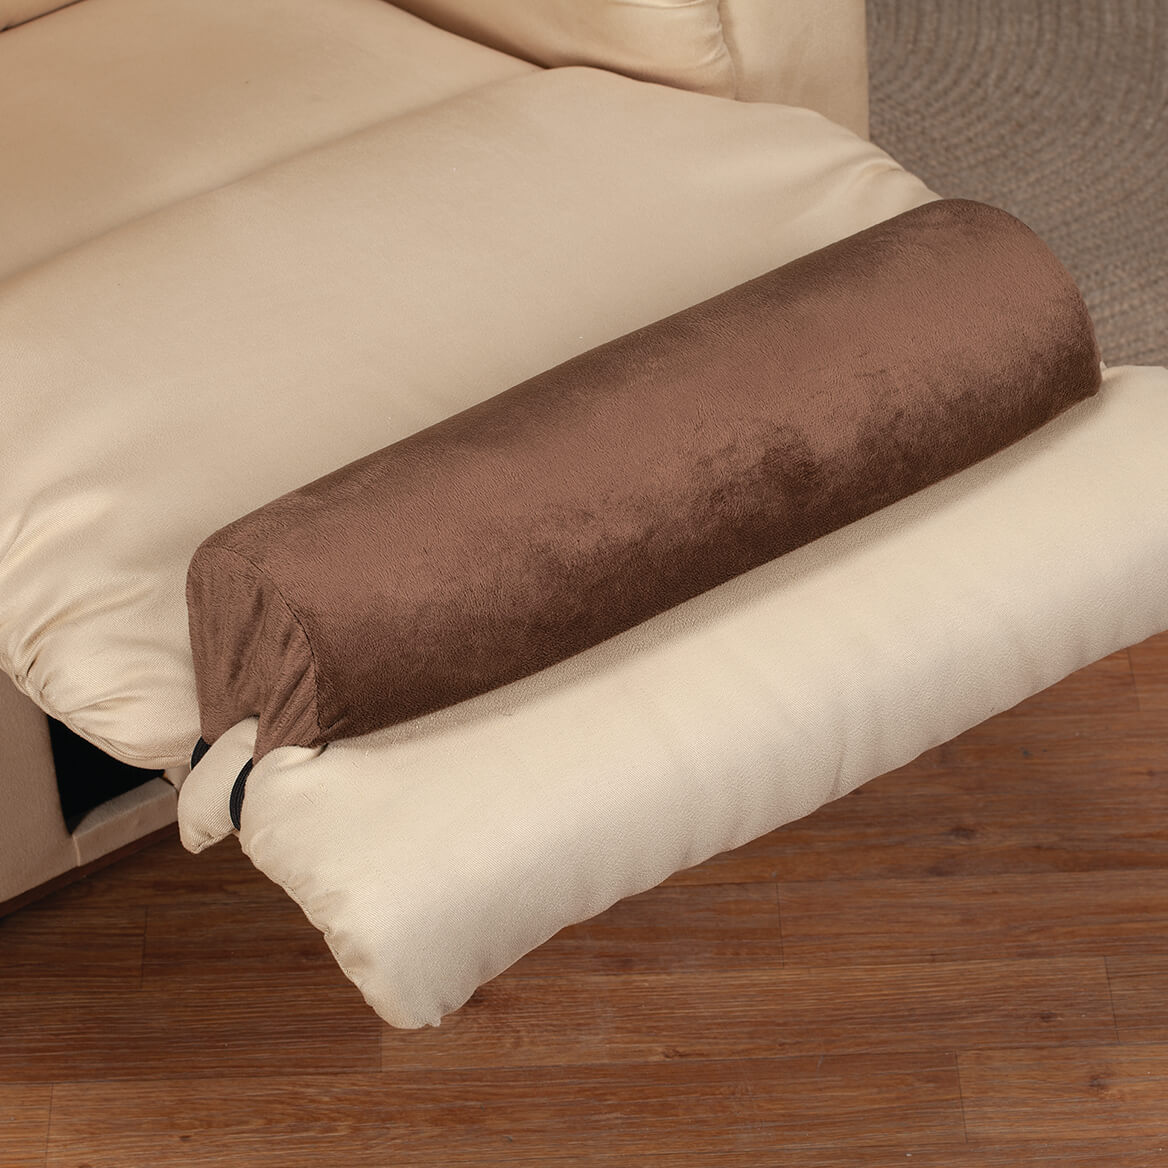 Recliner Leg Rest Cushion-370872